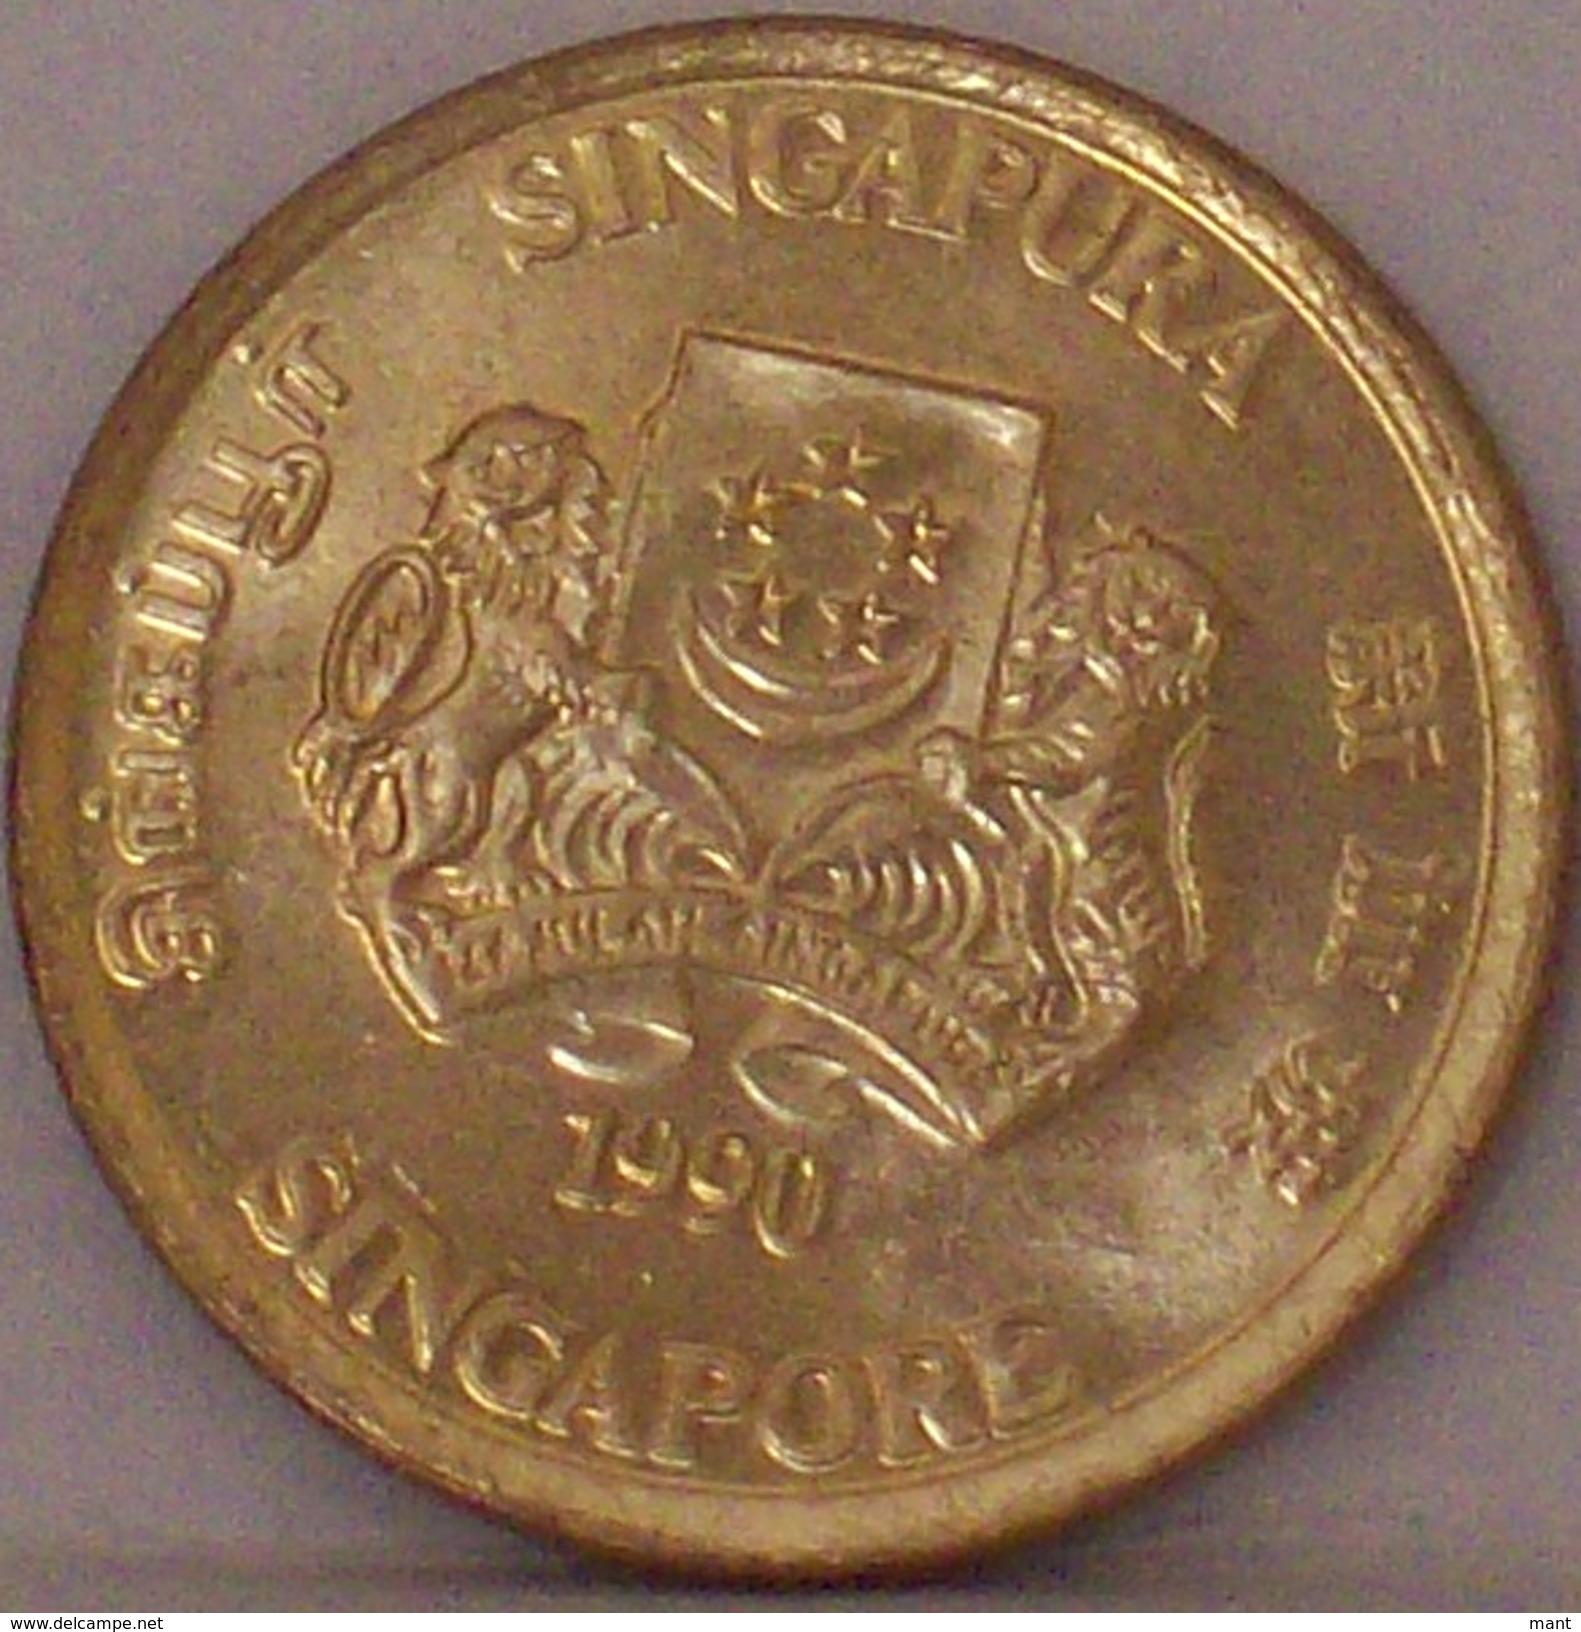 SINGAPORE - 5 Centesimi 1990 - Singapore